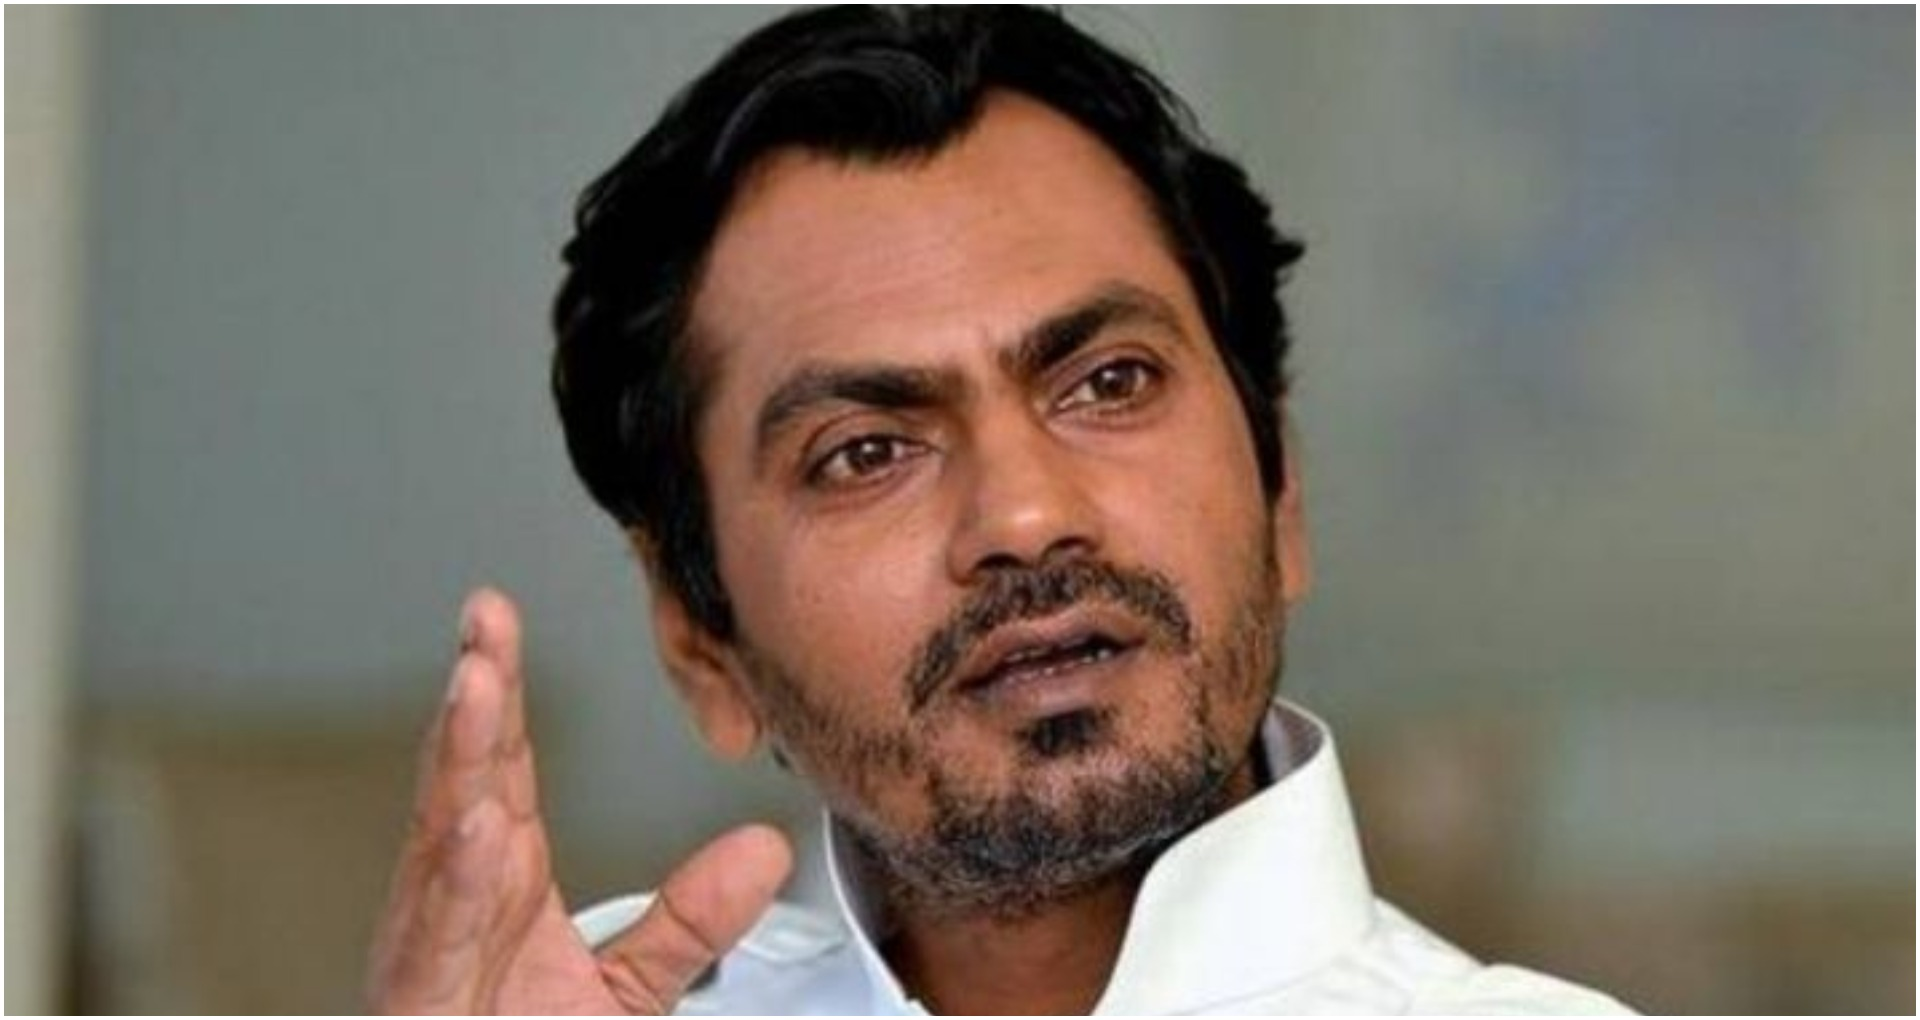 नवाजुद्दीन सिद्दीकी ने 'दिल बेचारा' के लिए क्रिटिक्स से की ये खास अपील, फैंस ने भी किया सपोर्ट